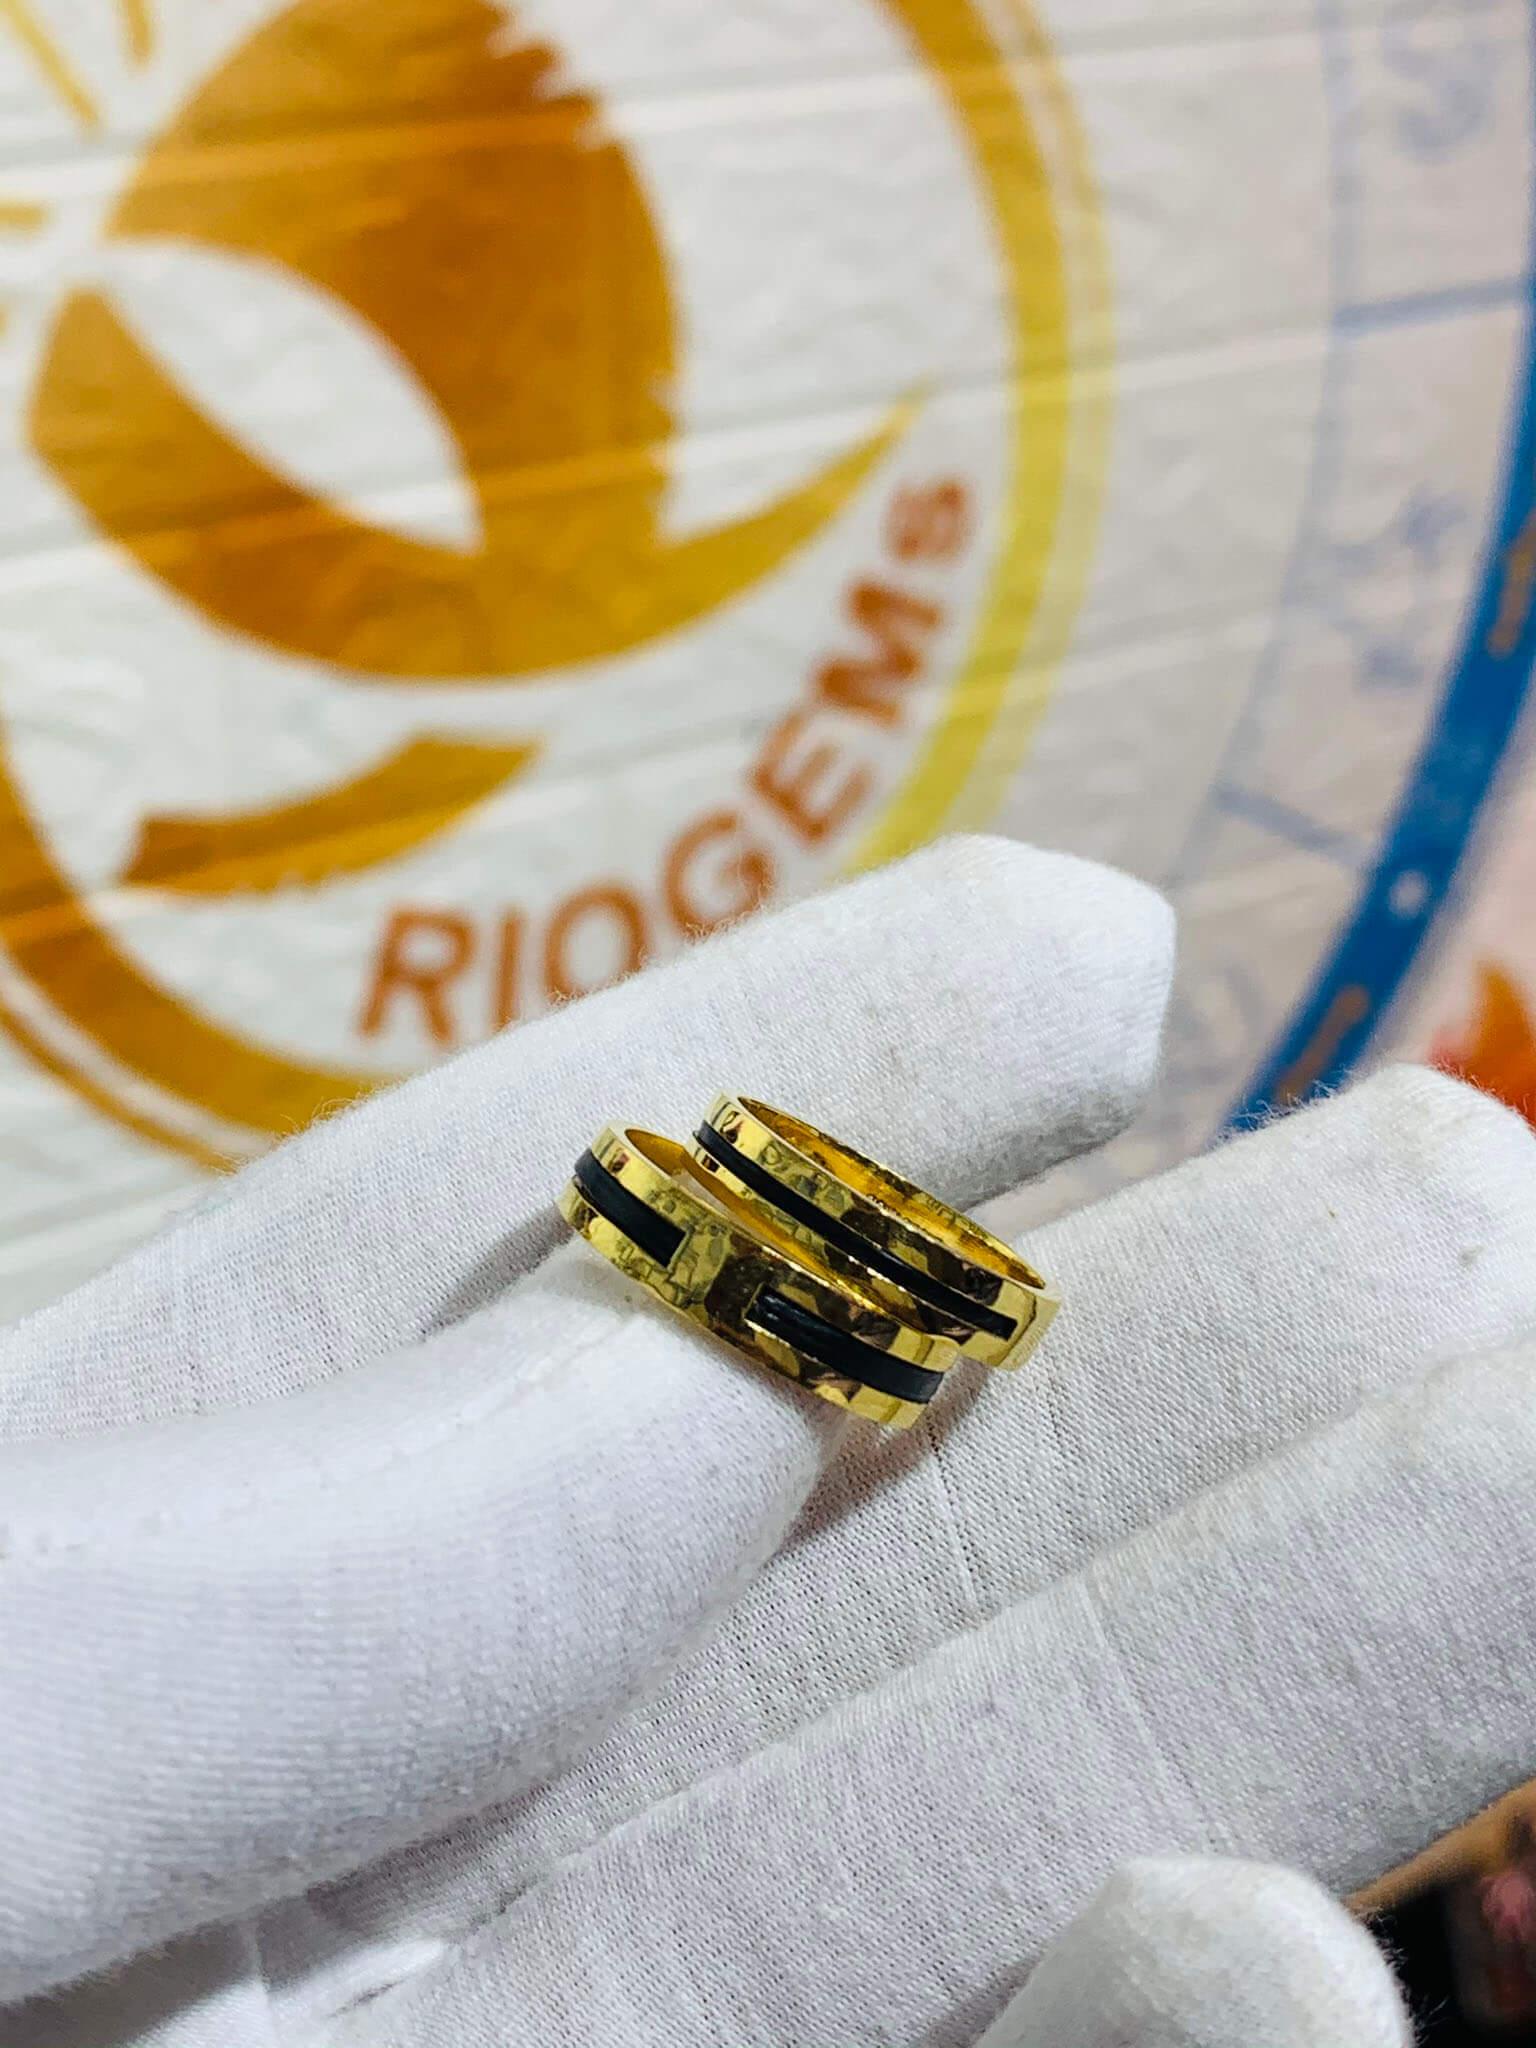 Cặp nhẫn vàng vuông đơn giản làm tay luồng 1 lông cho các cặp đôi